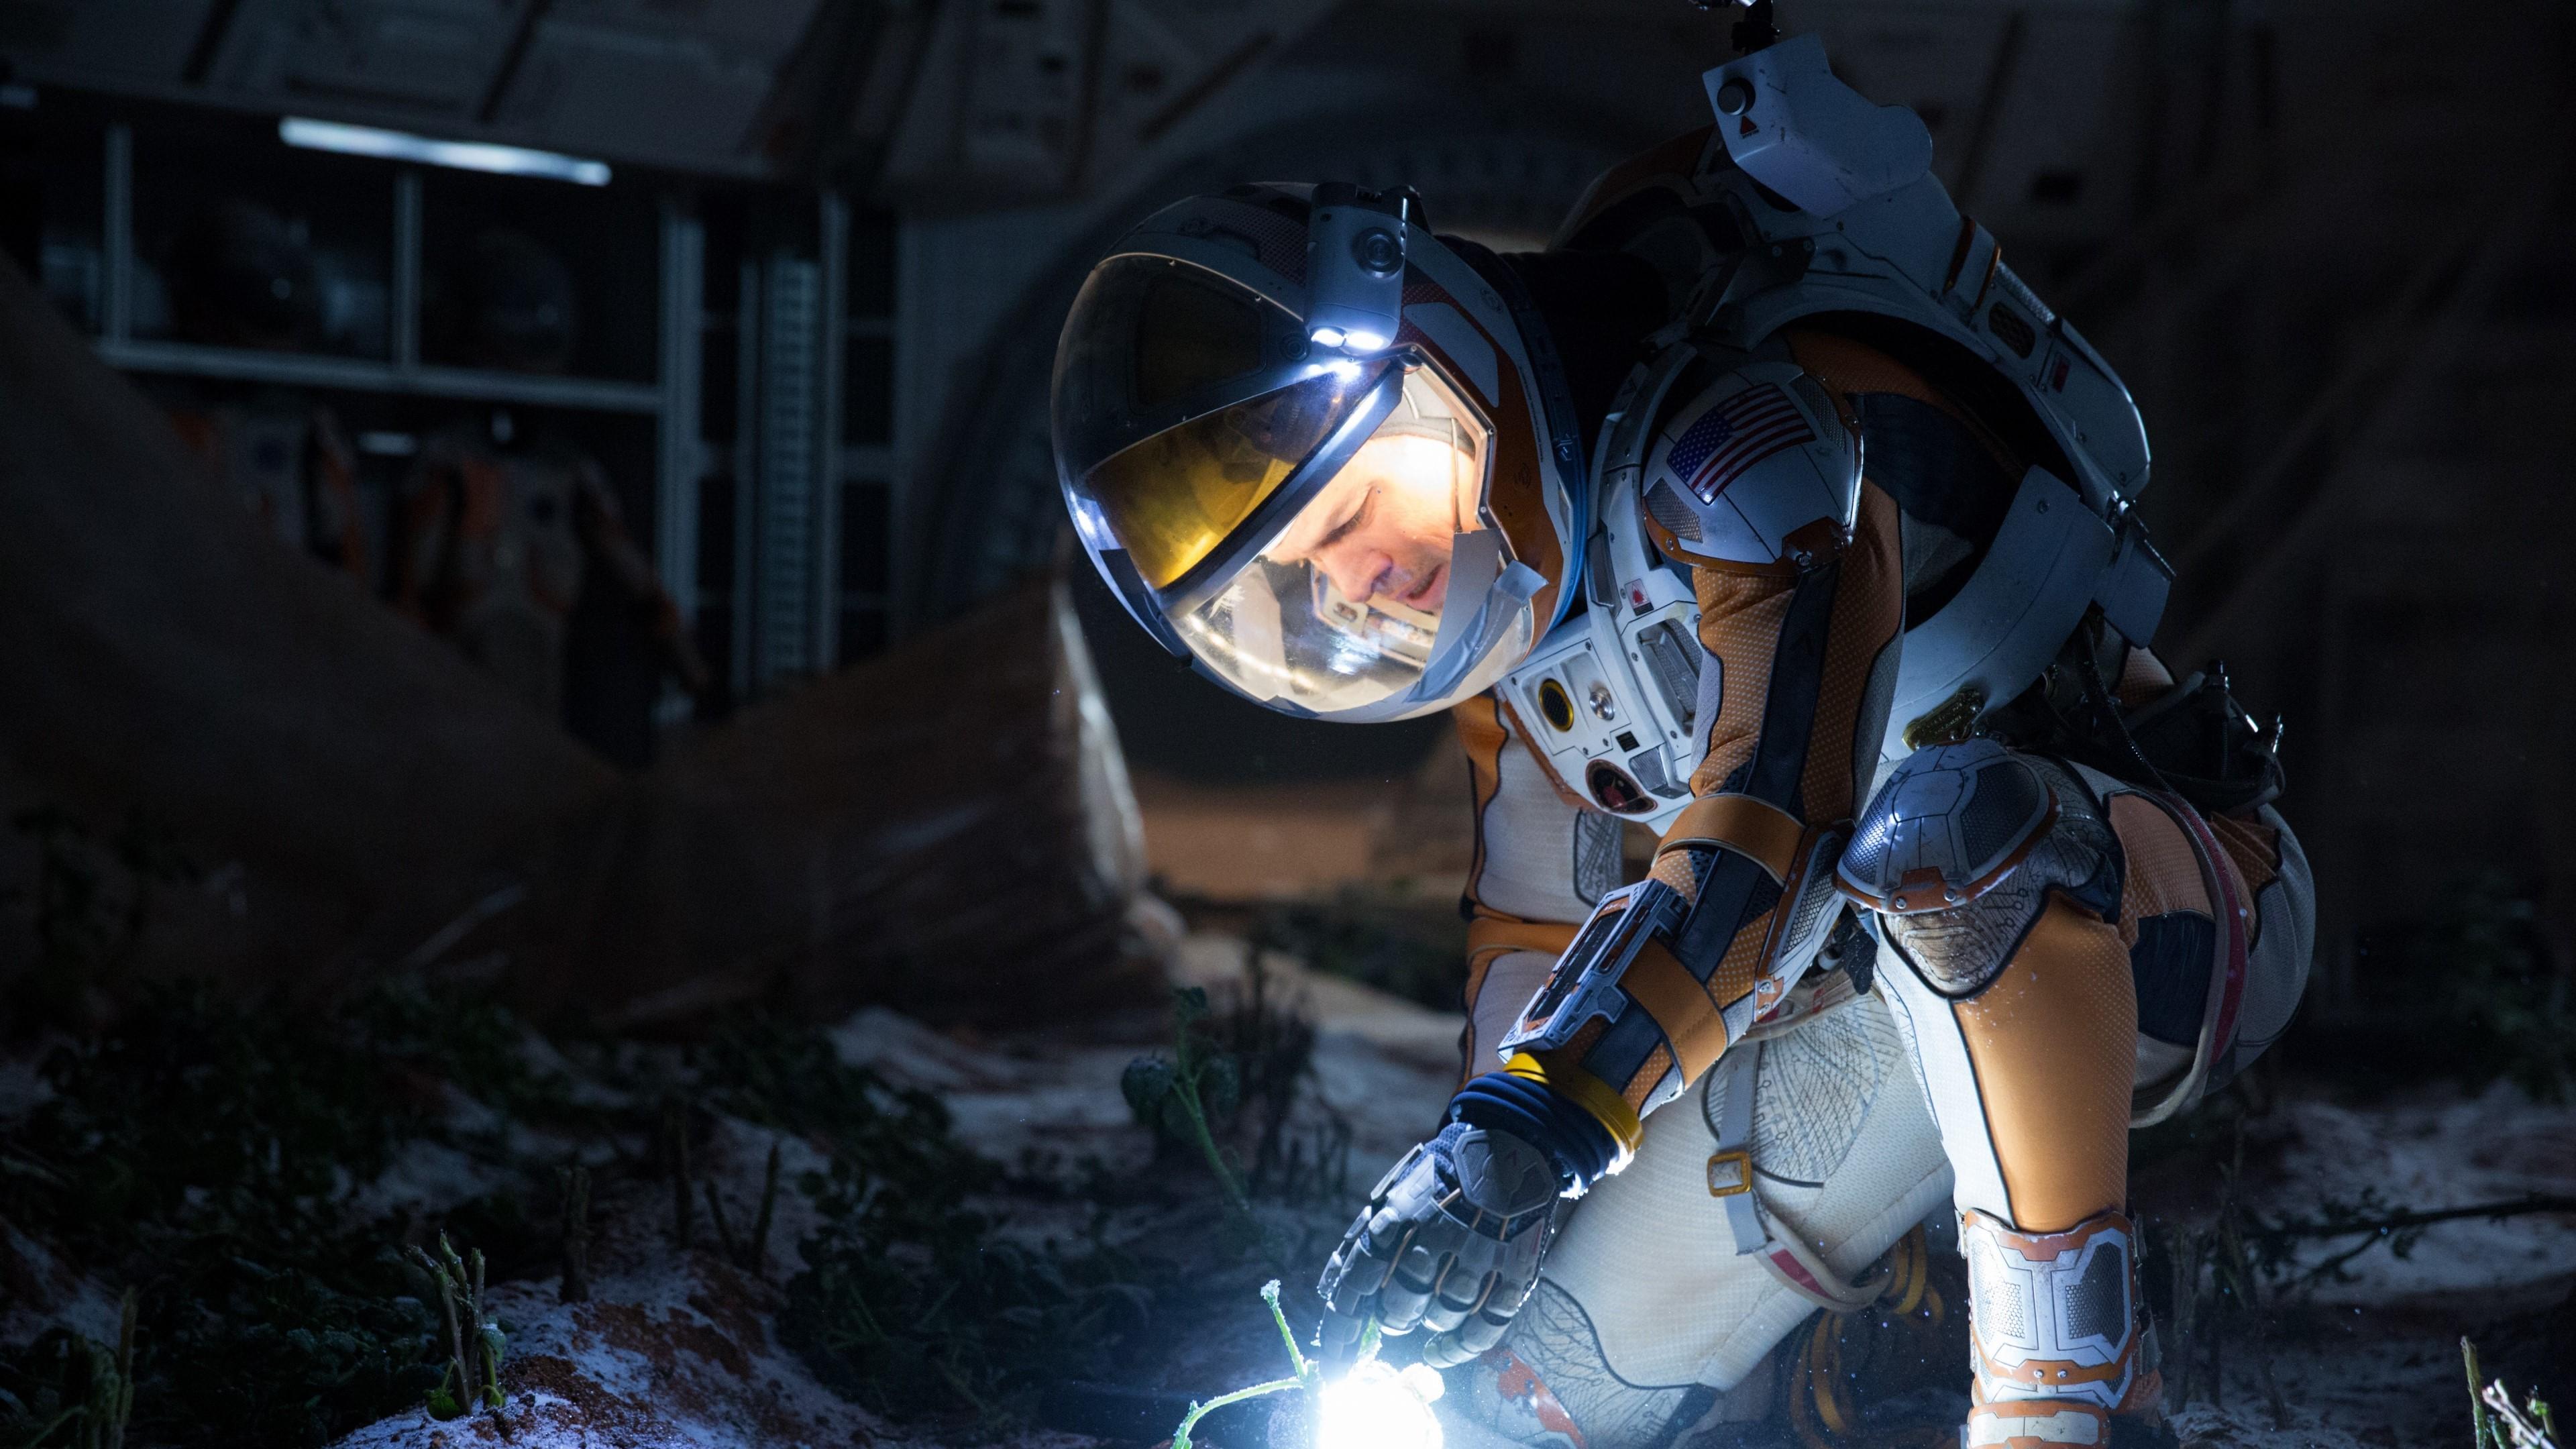 Fondos de pantalla Matt Damon en Misión Rescate